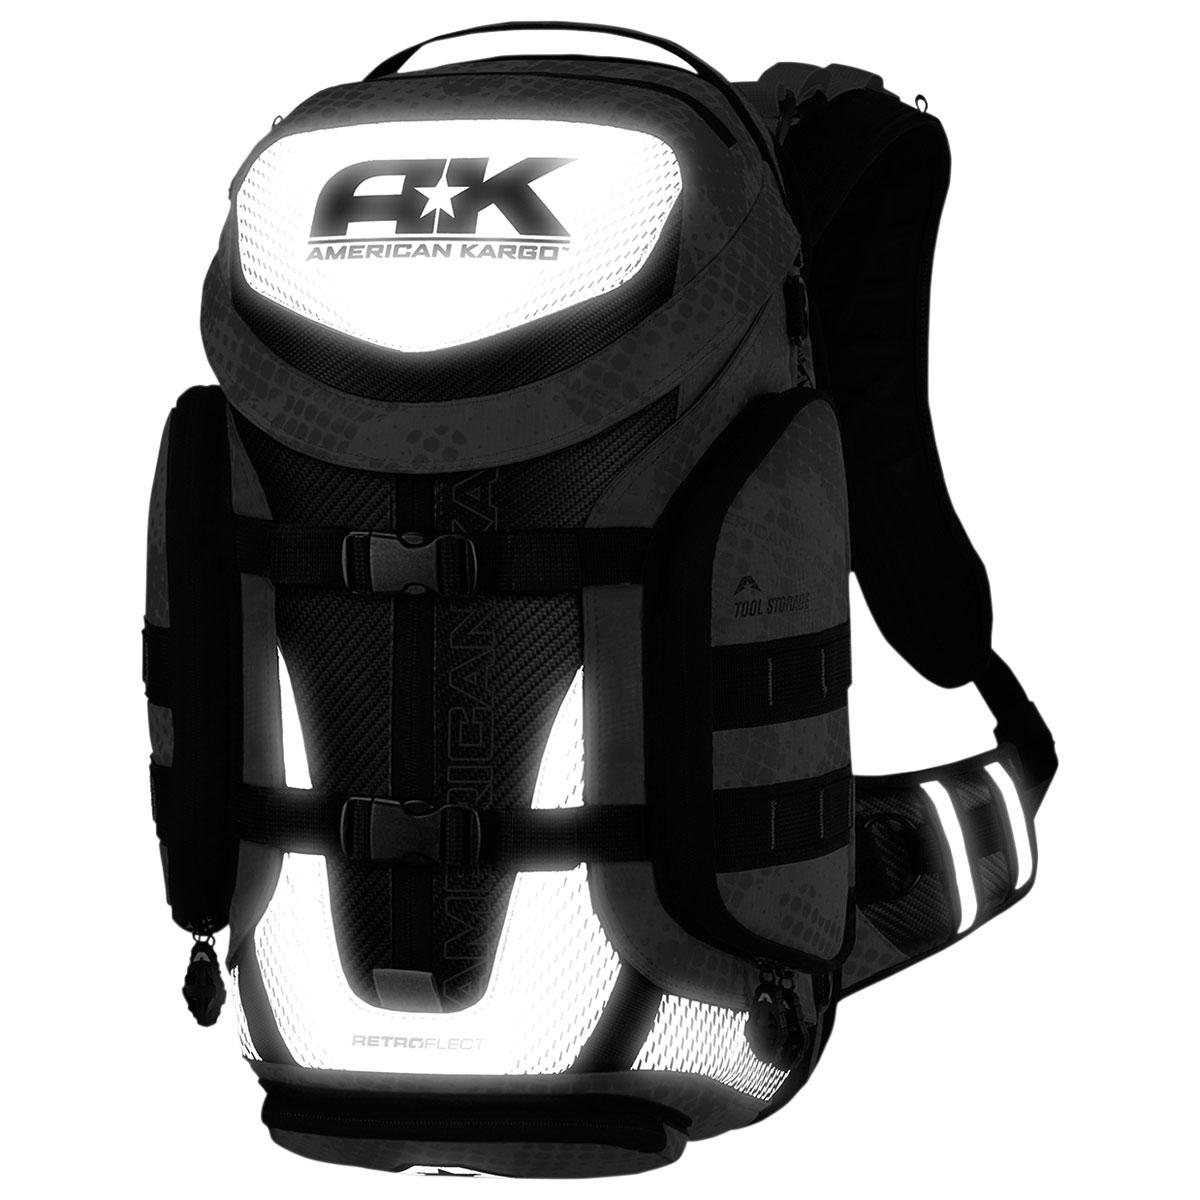 American Kargo Backpack Trooper Black Refl